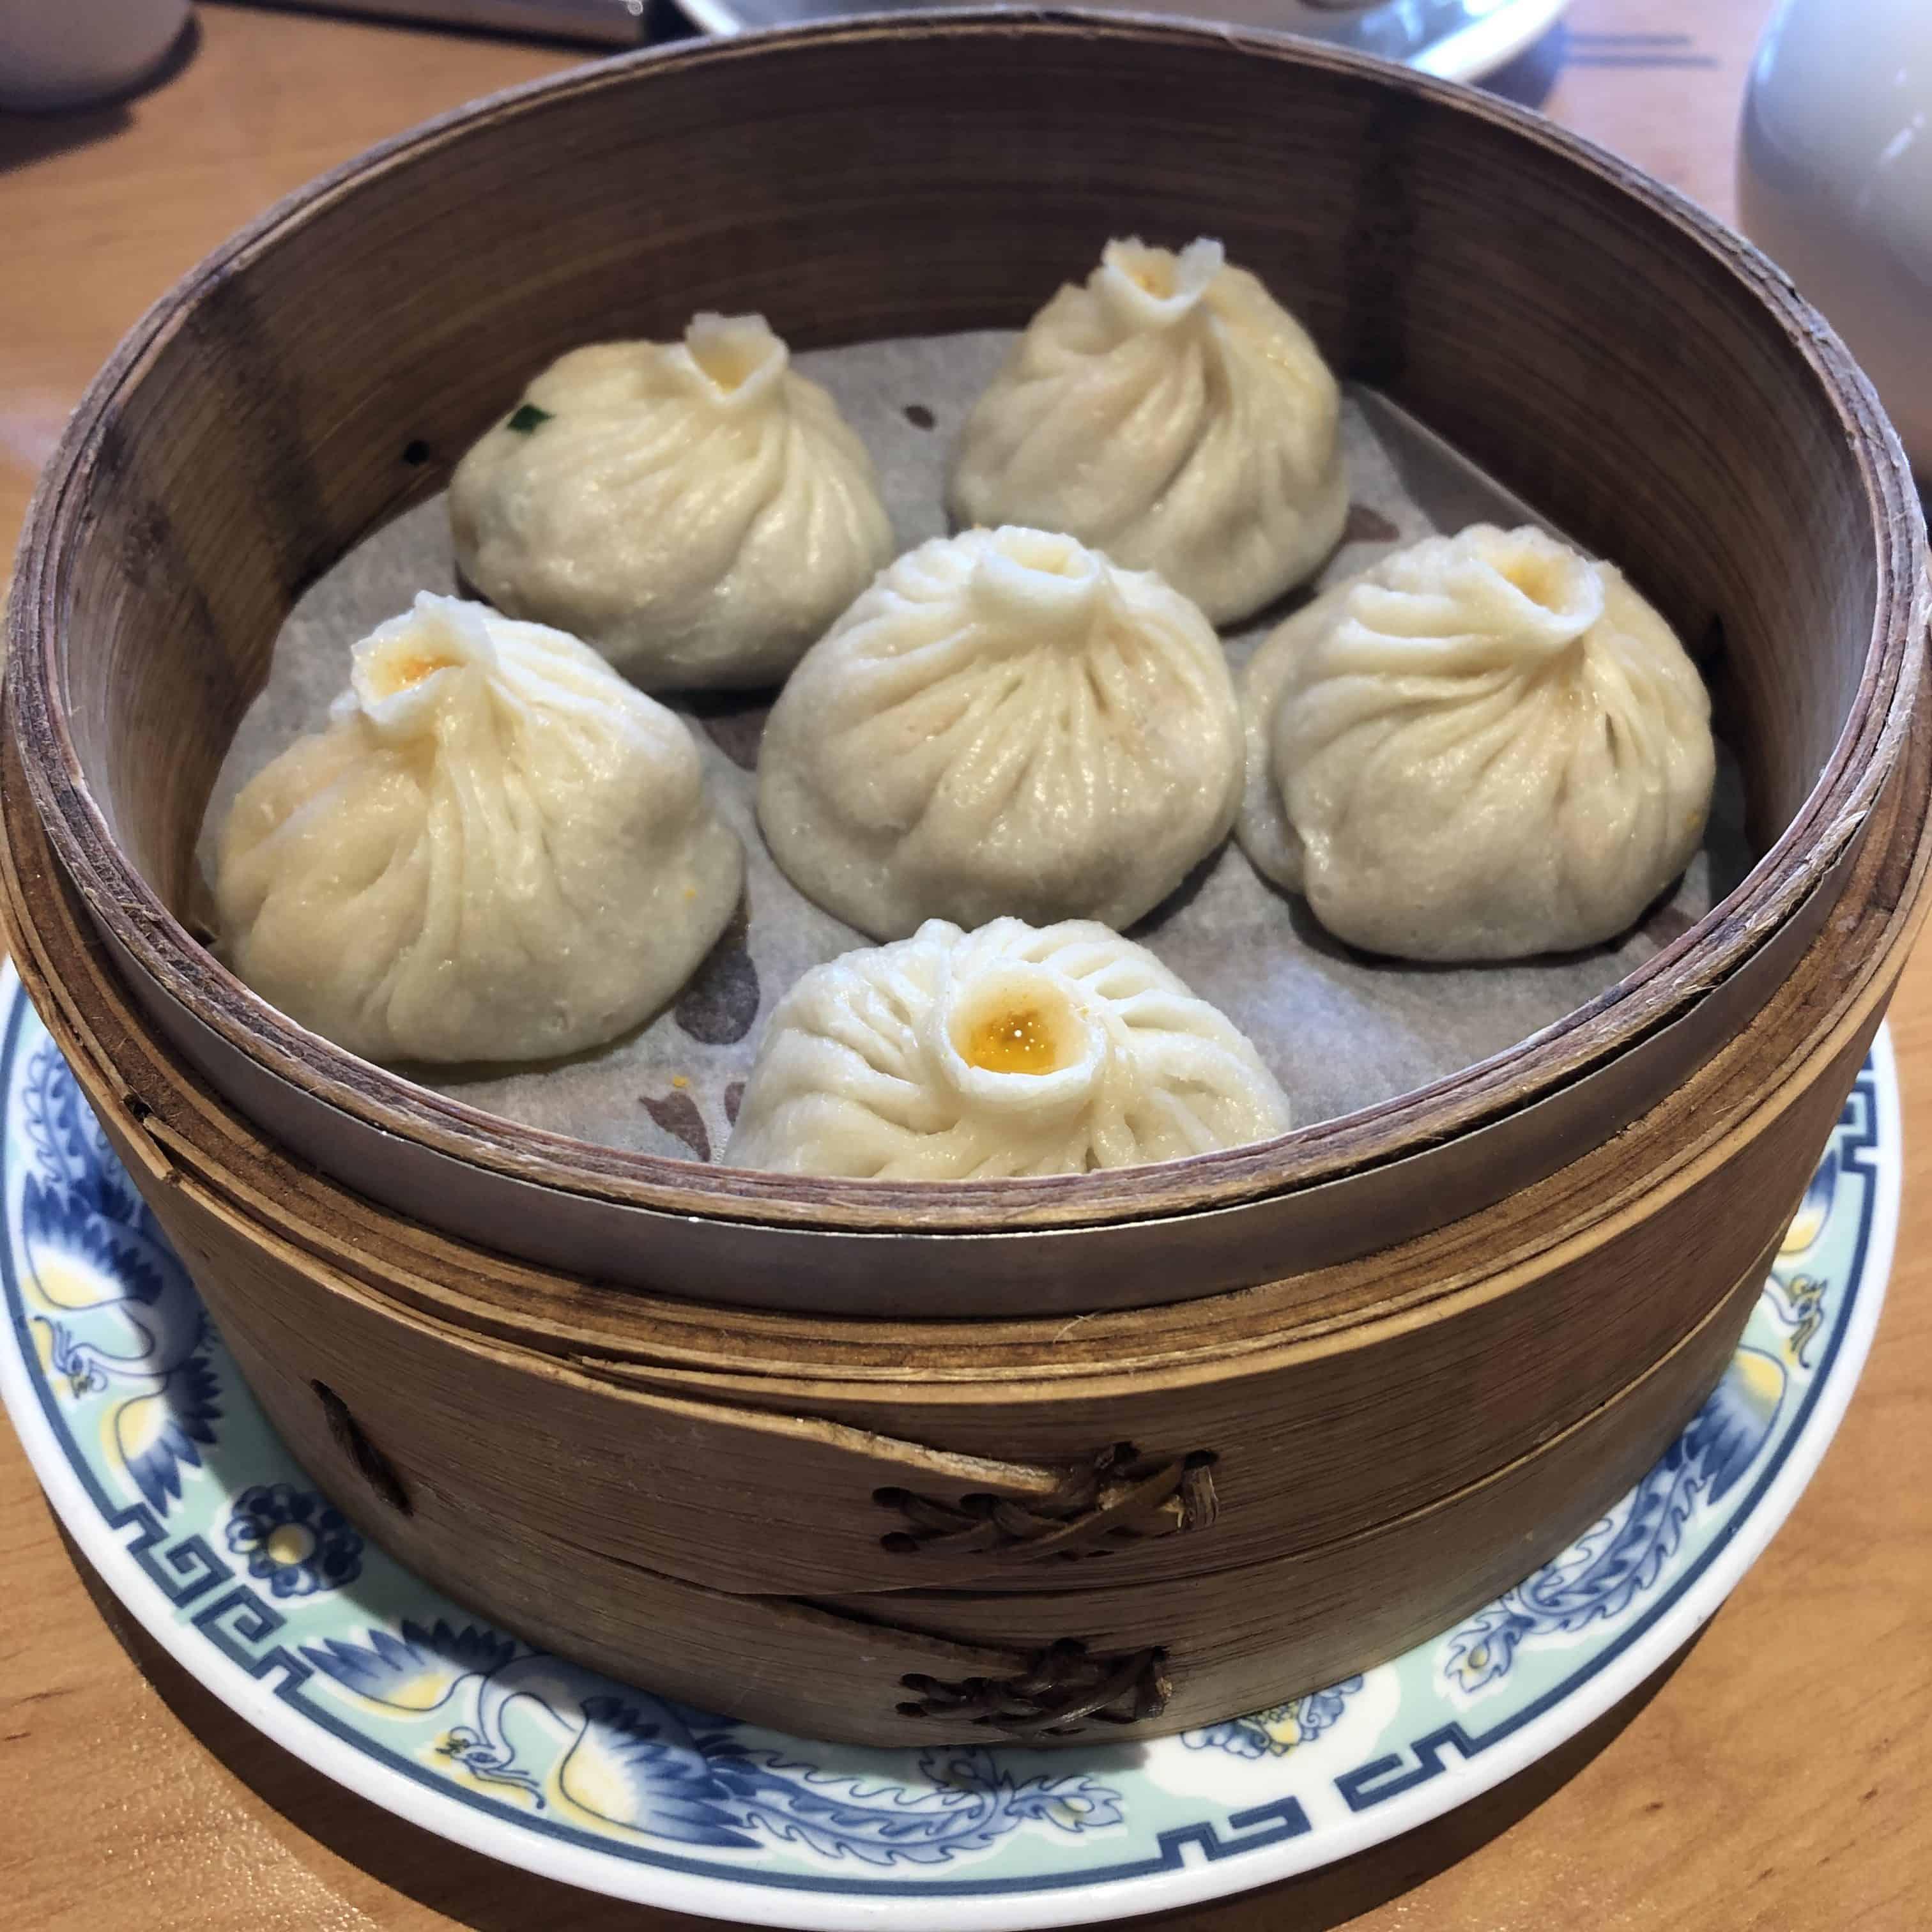 台北自由行 2020 – 圓山大飯店美食必點推介及餐廳推薦全攻略